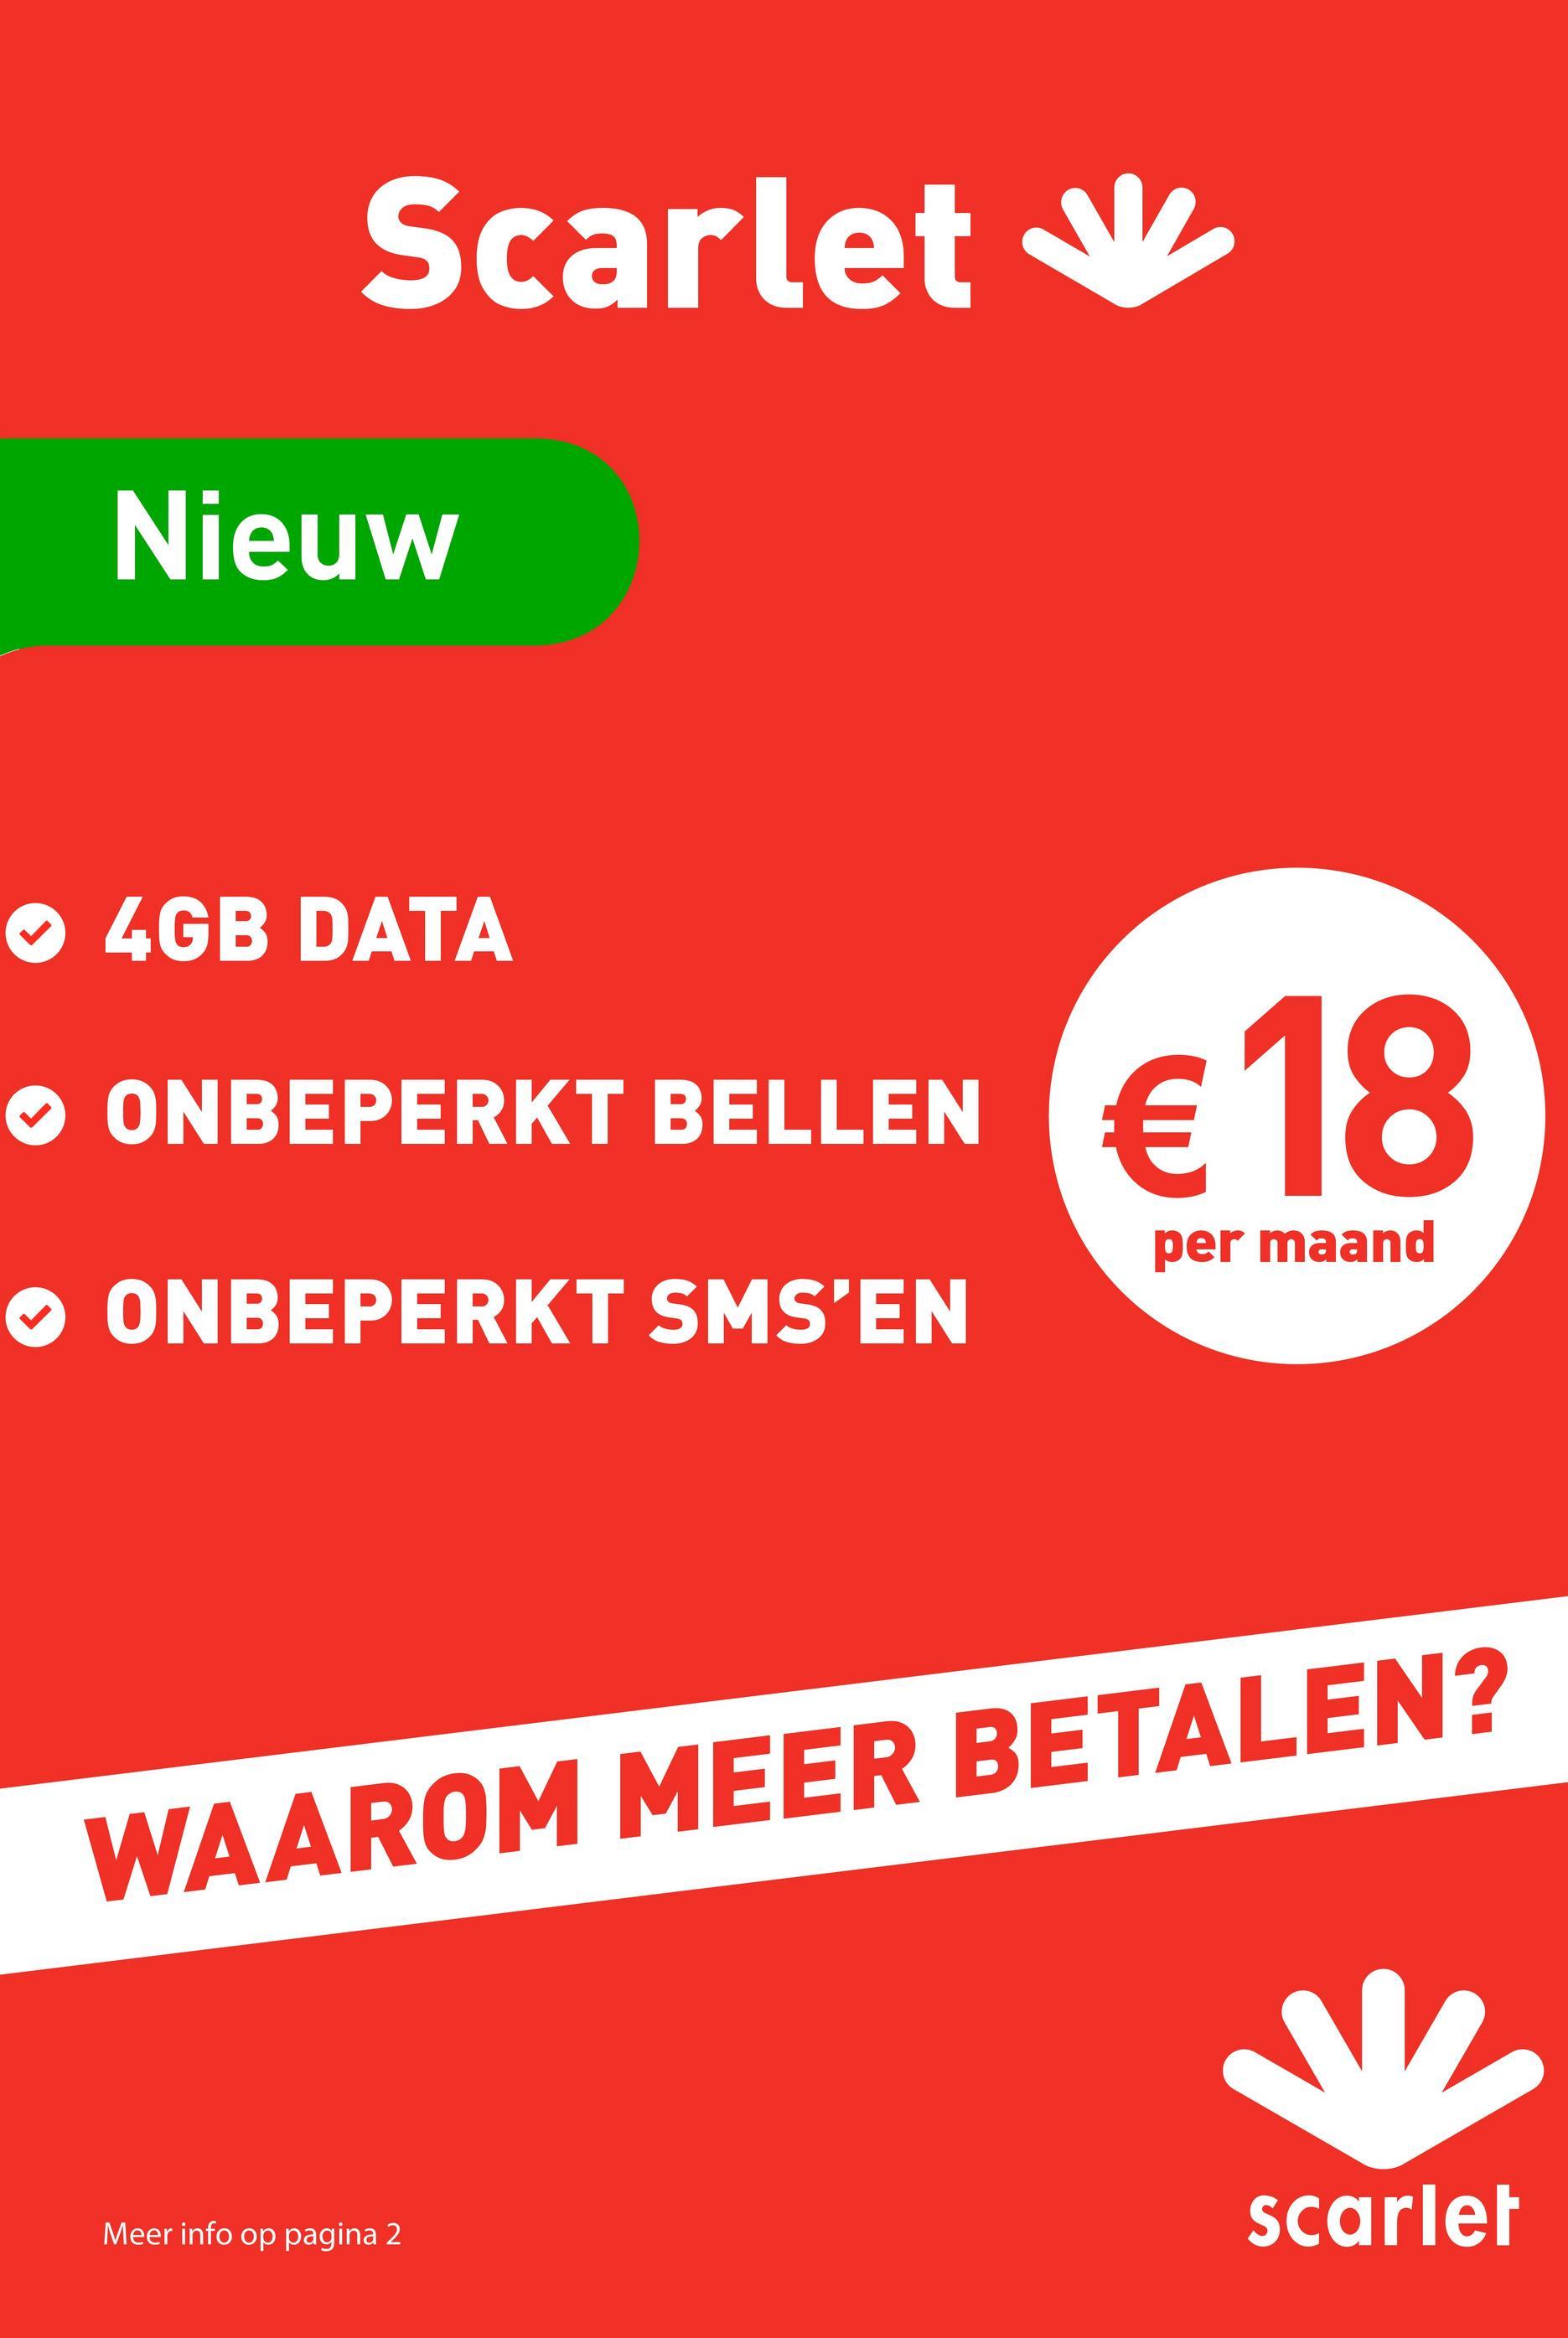 Scarlet v Nieuw ☺ 4GB DATA ♡ ONBEPERKT BELLEN per maand ONBEPERKT SMS'EN WAAROM MEER BETALEN? Meer info op pagina 2 scarlet